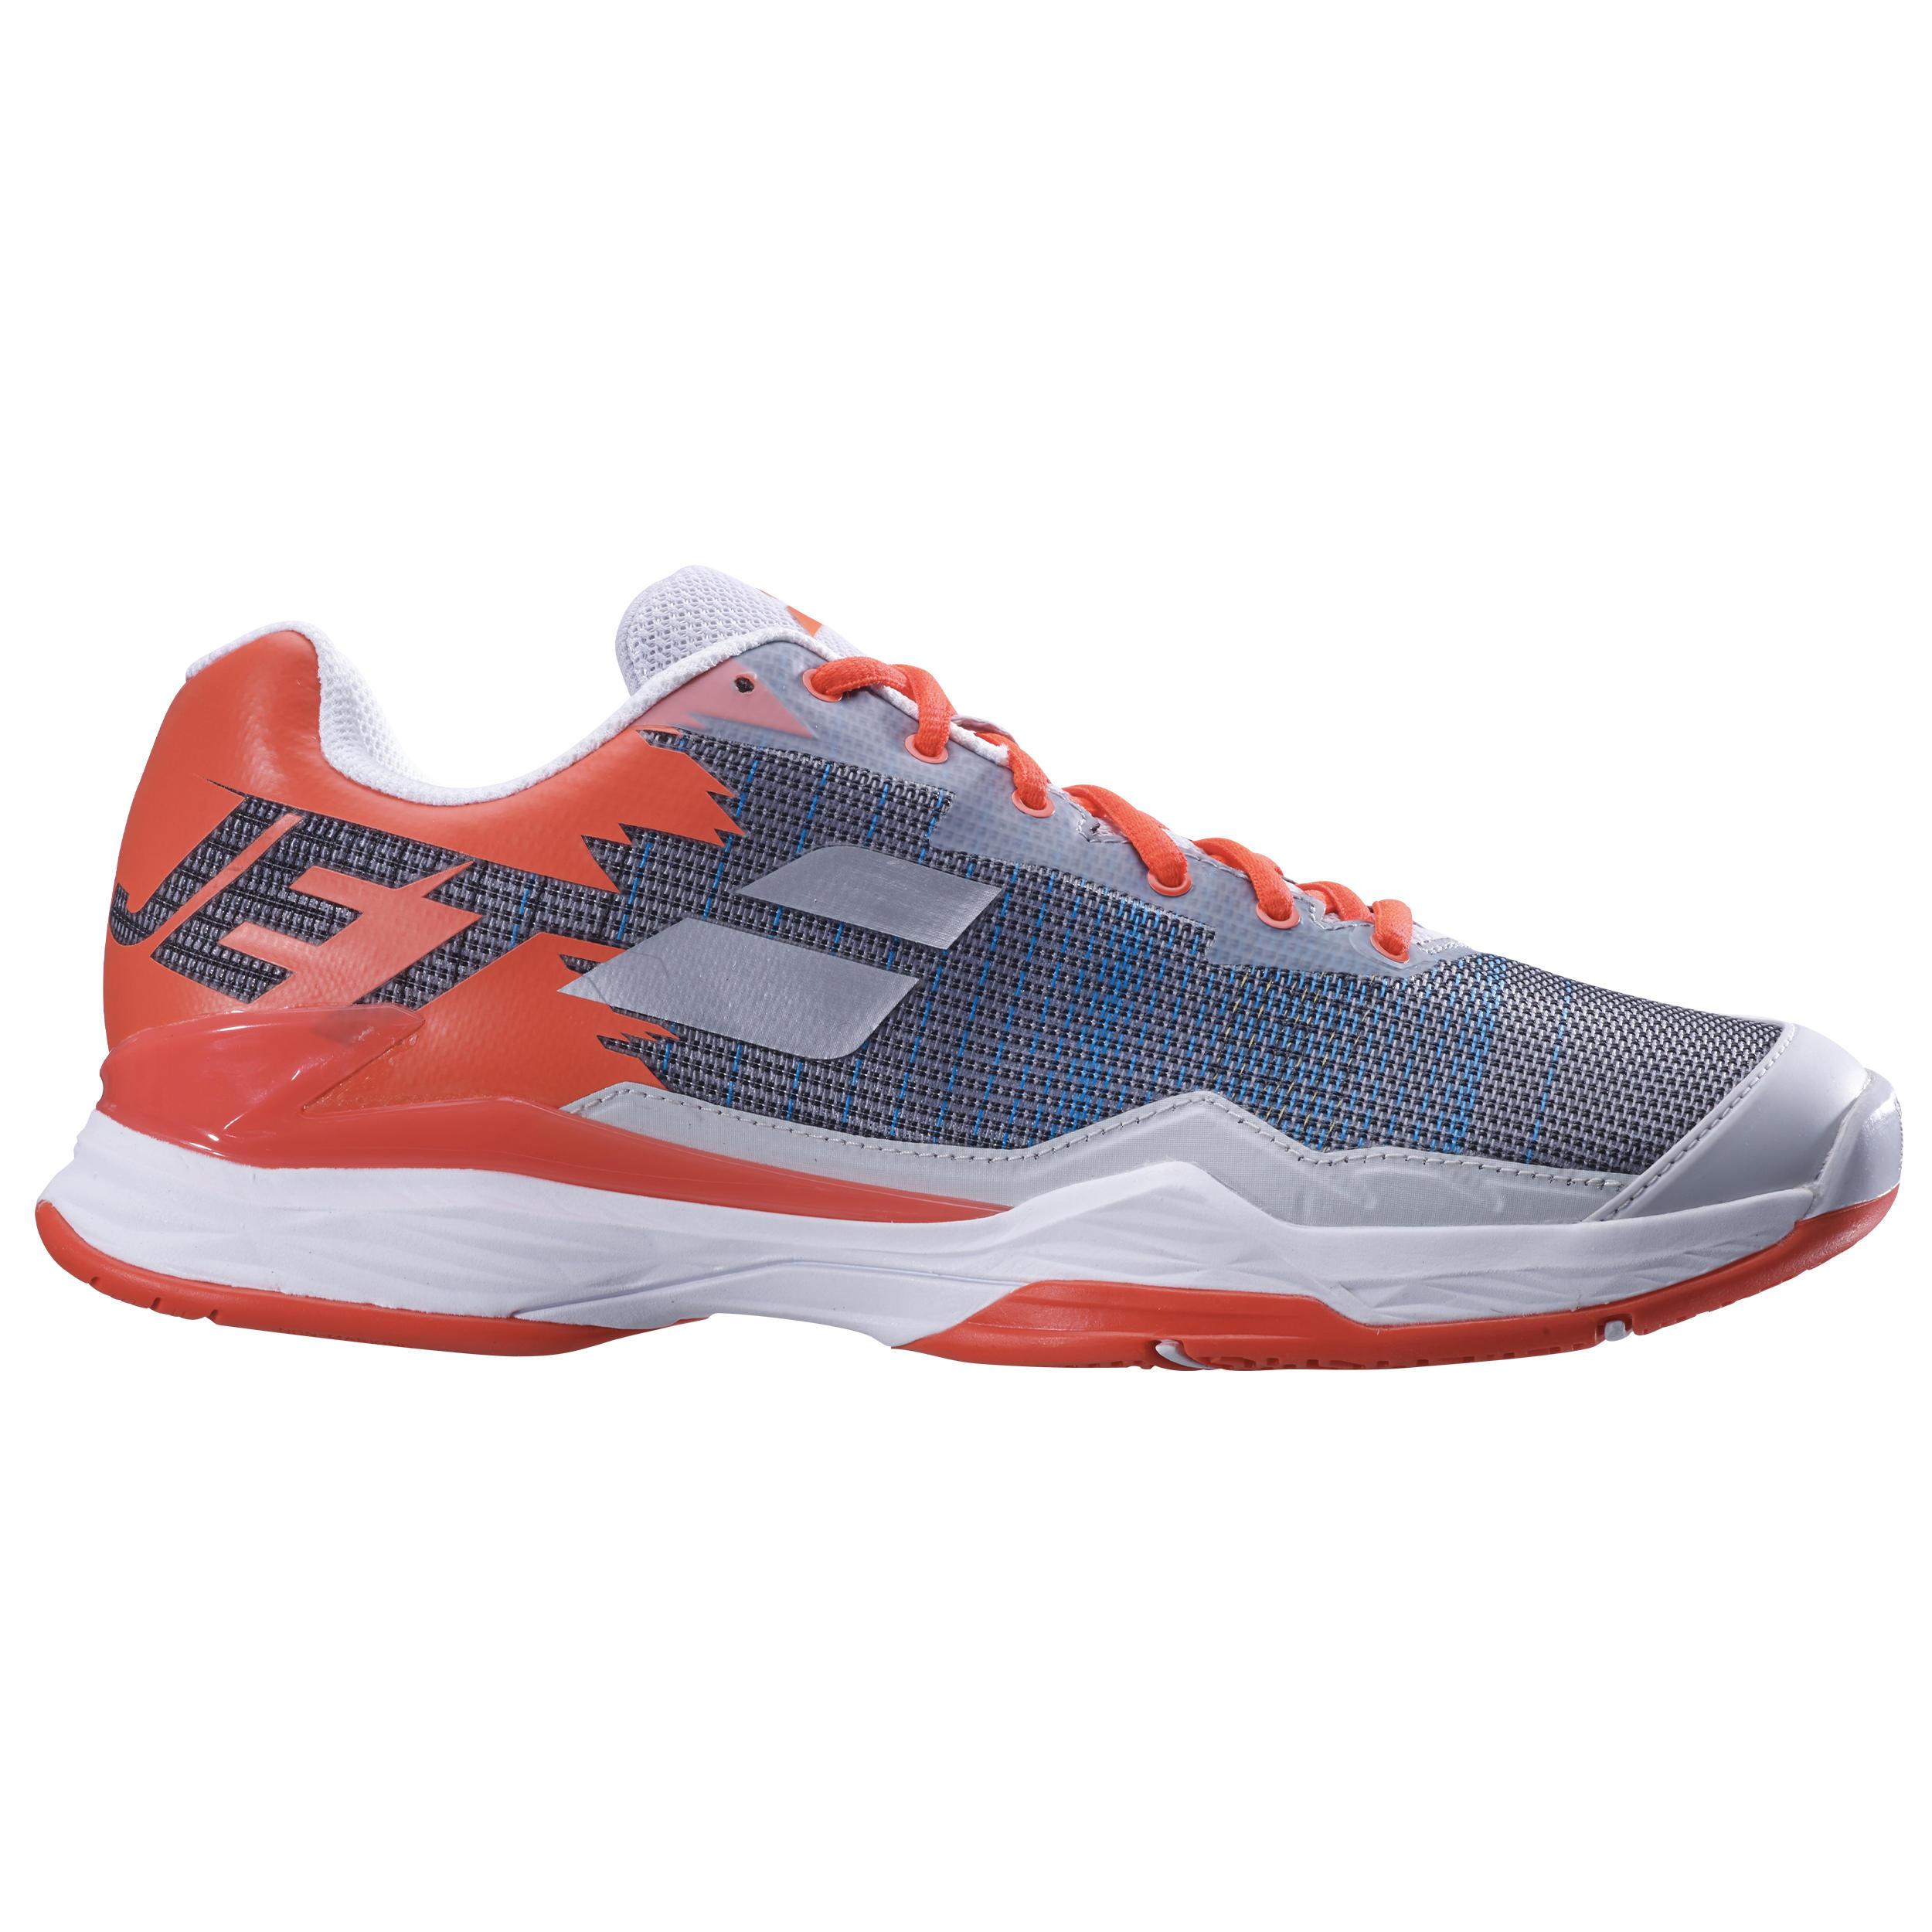 Babolat Tennisschoenen voor heren Jet Mach 1 grijs/oranje multi court